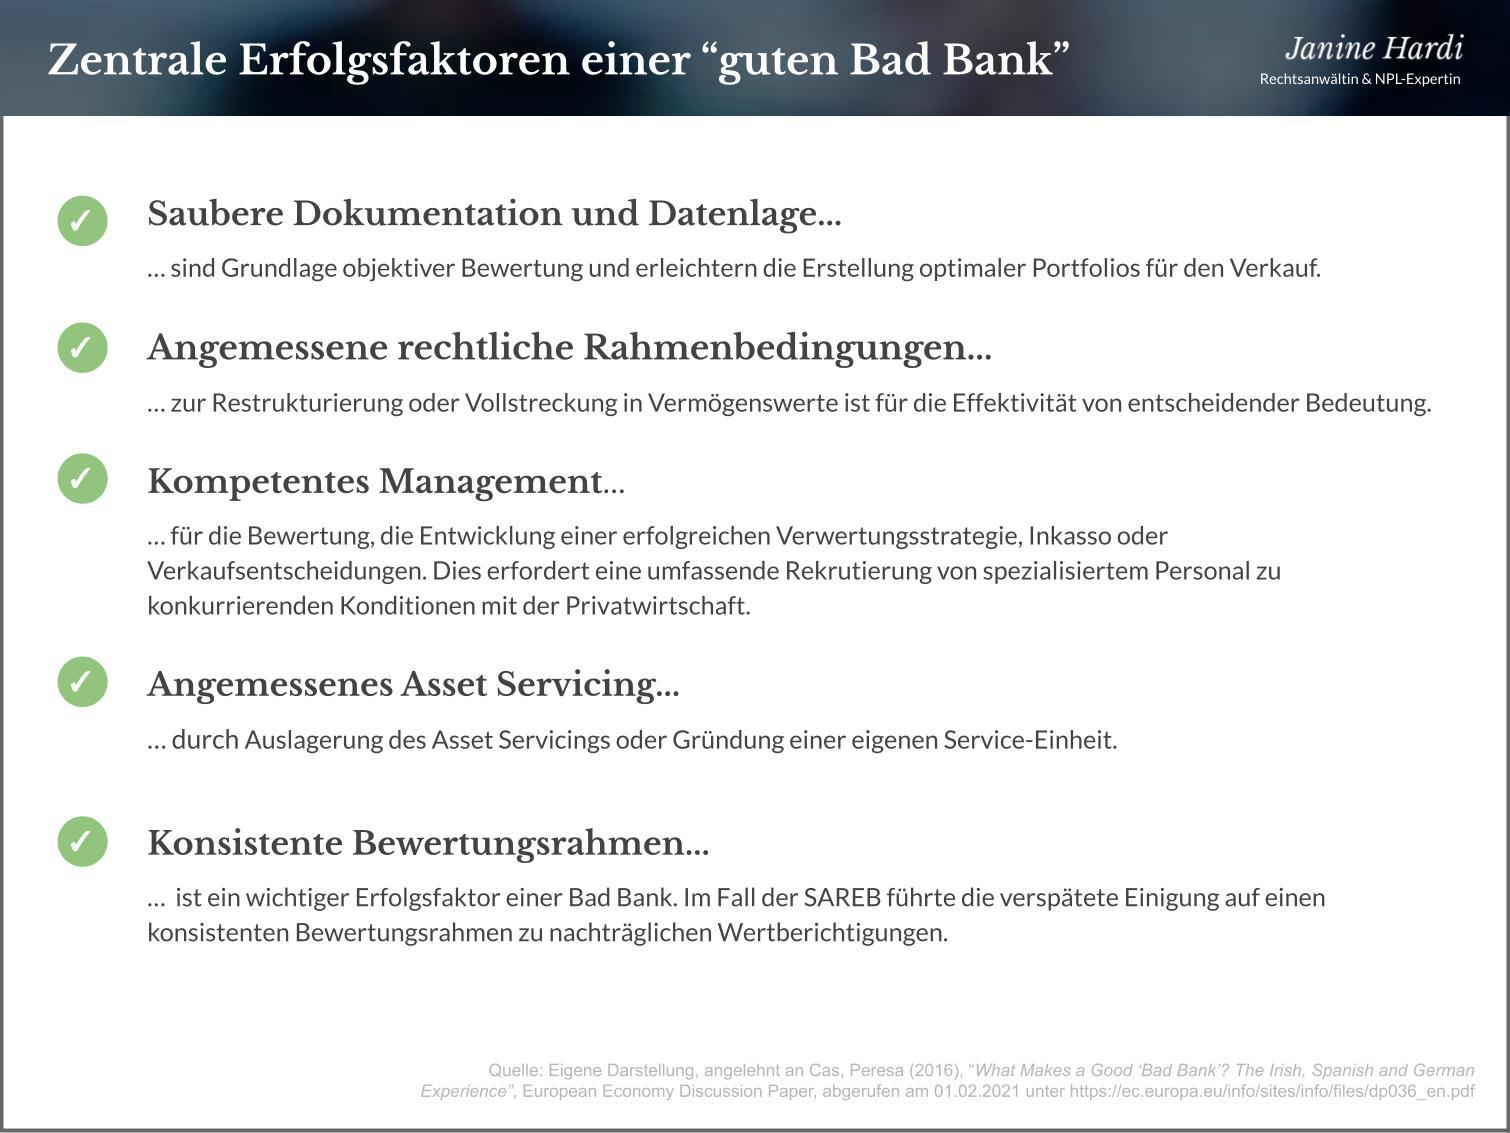 bad-banks-erfolgsfaktoren-amc-janine-hardi